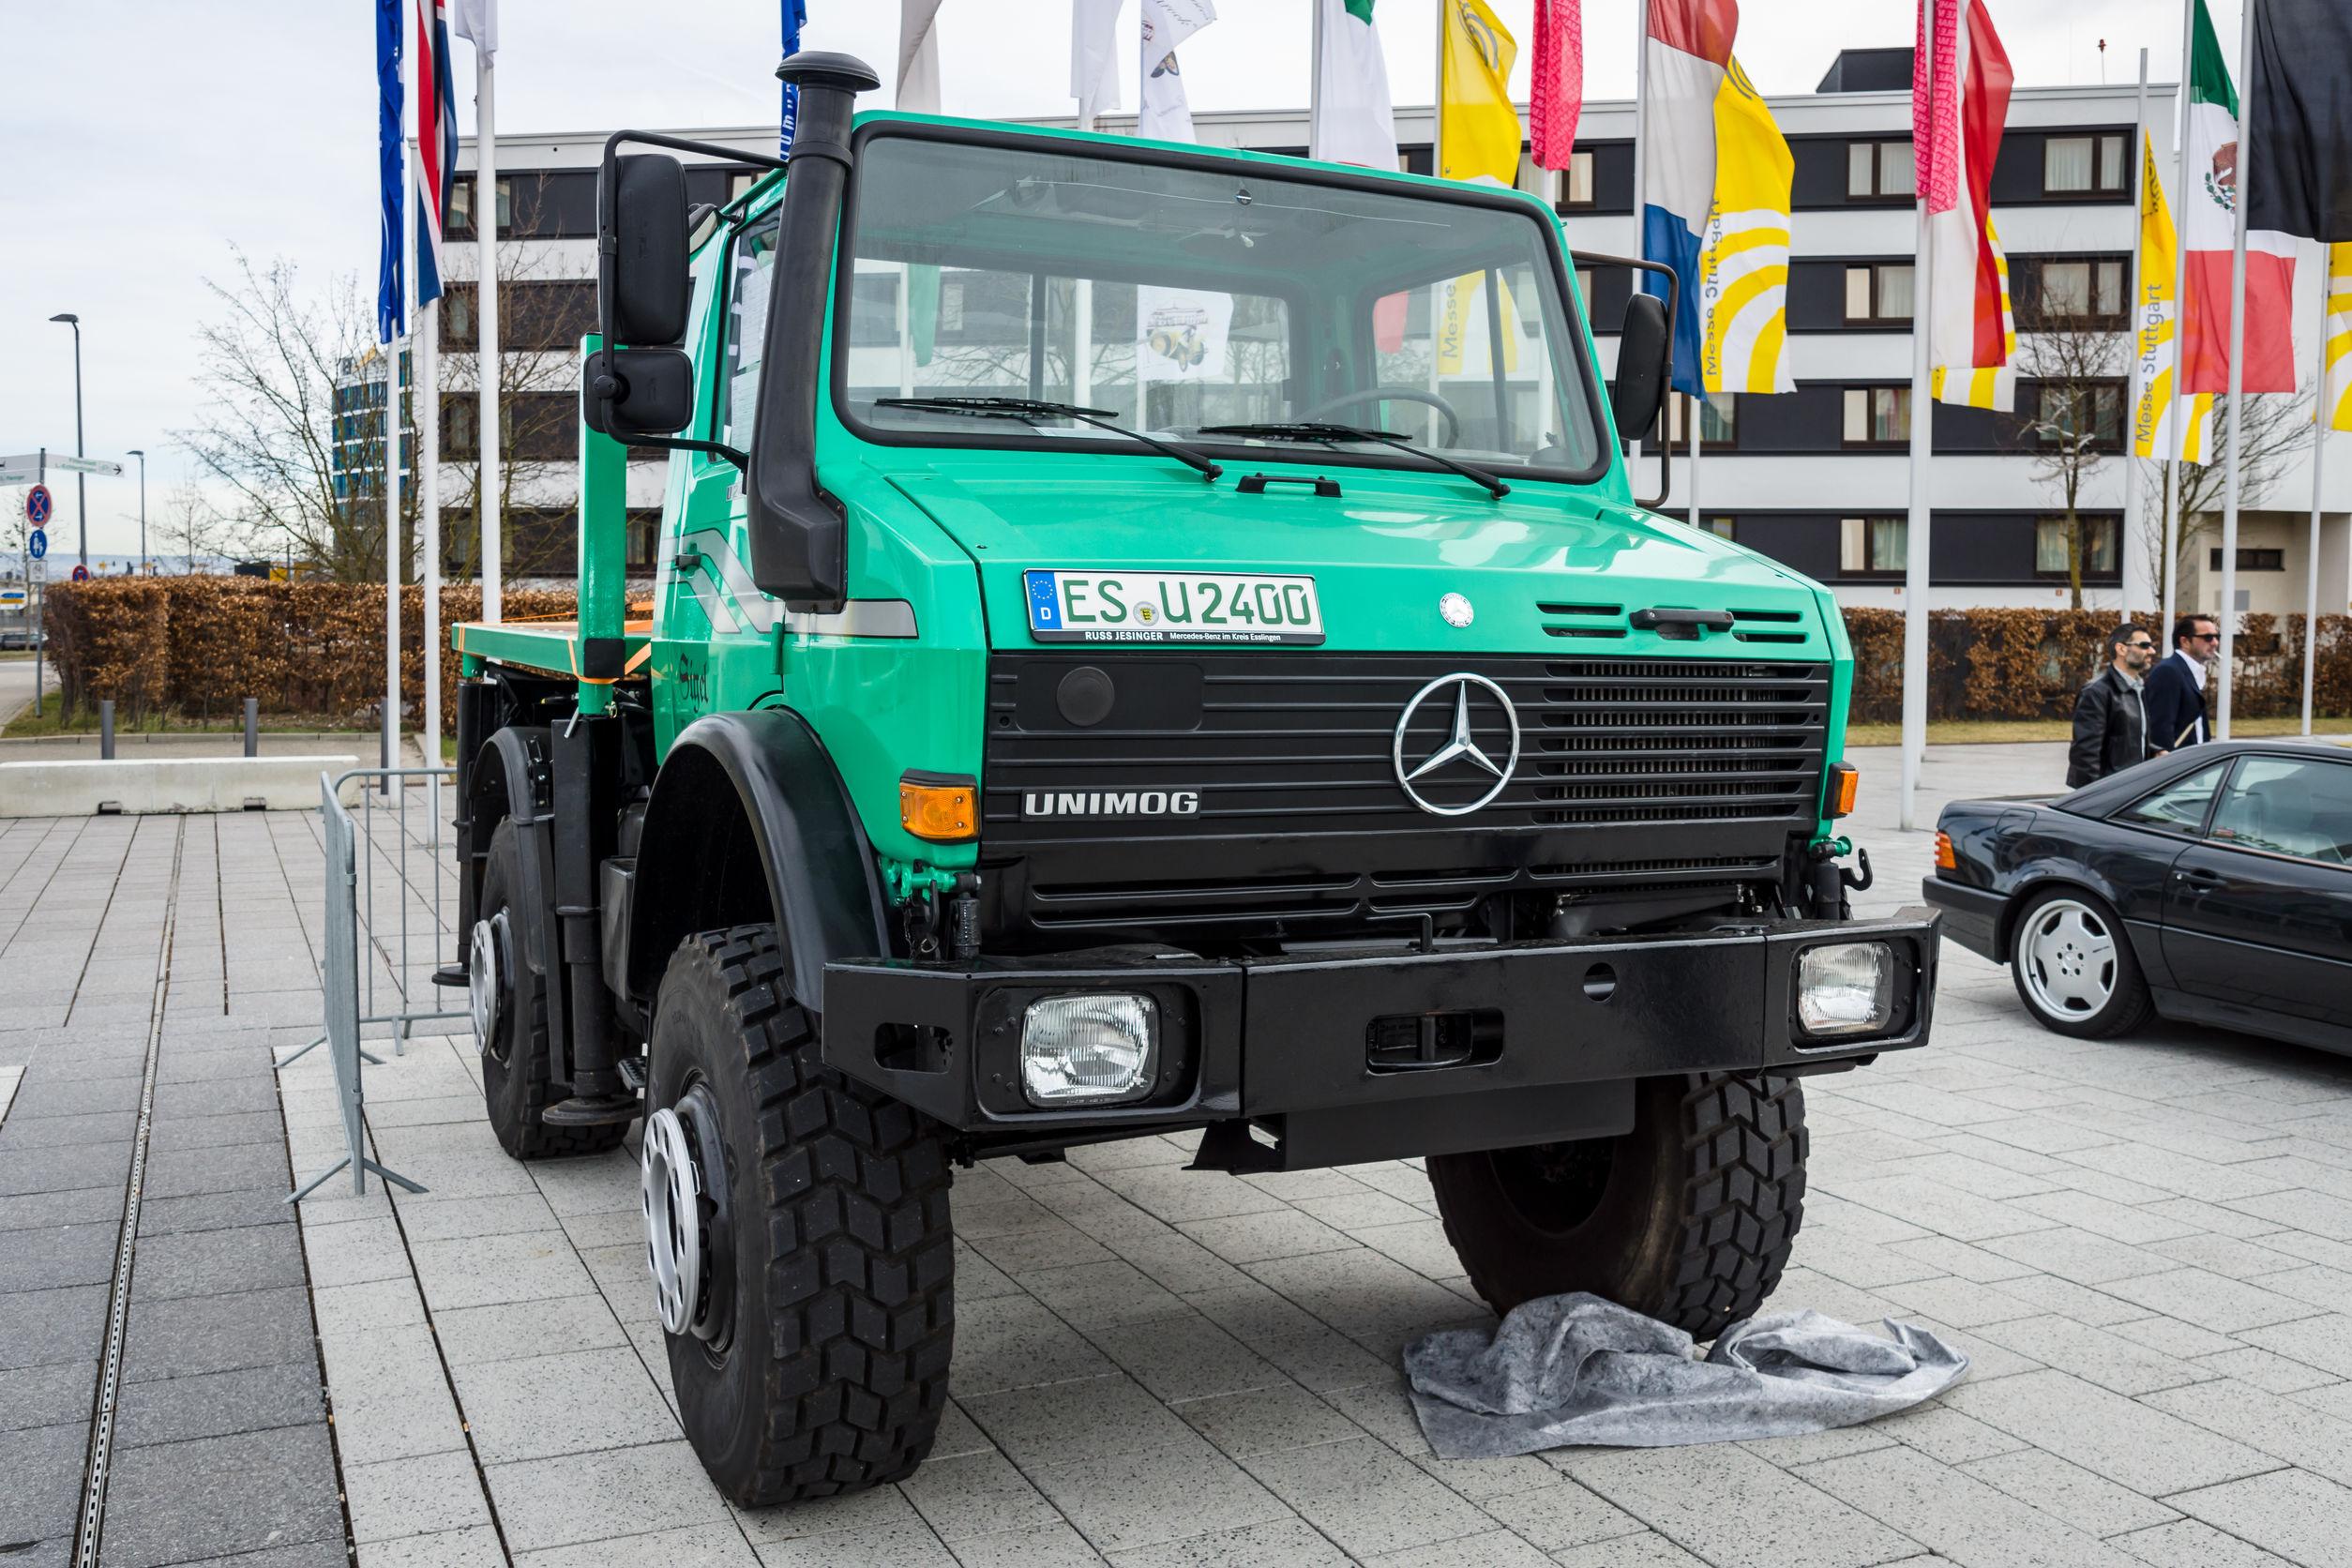 シュトゥットガルト, ドイツ - 2017年3月4日: 多目的全輪駆動トラックウニモグ U2400 2000(ヨーロッパの最大の古典的な車の展示会「レトロ クラシック」にて)